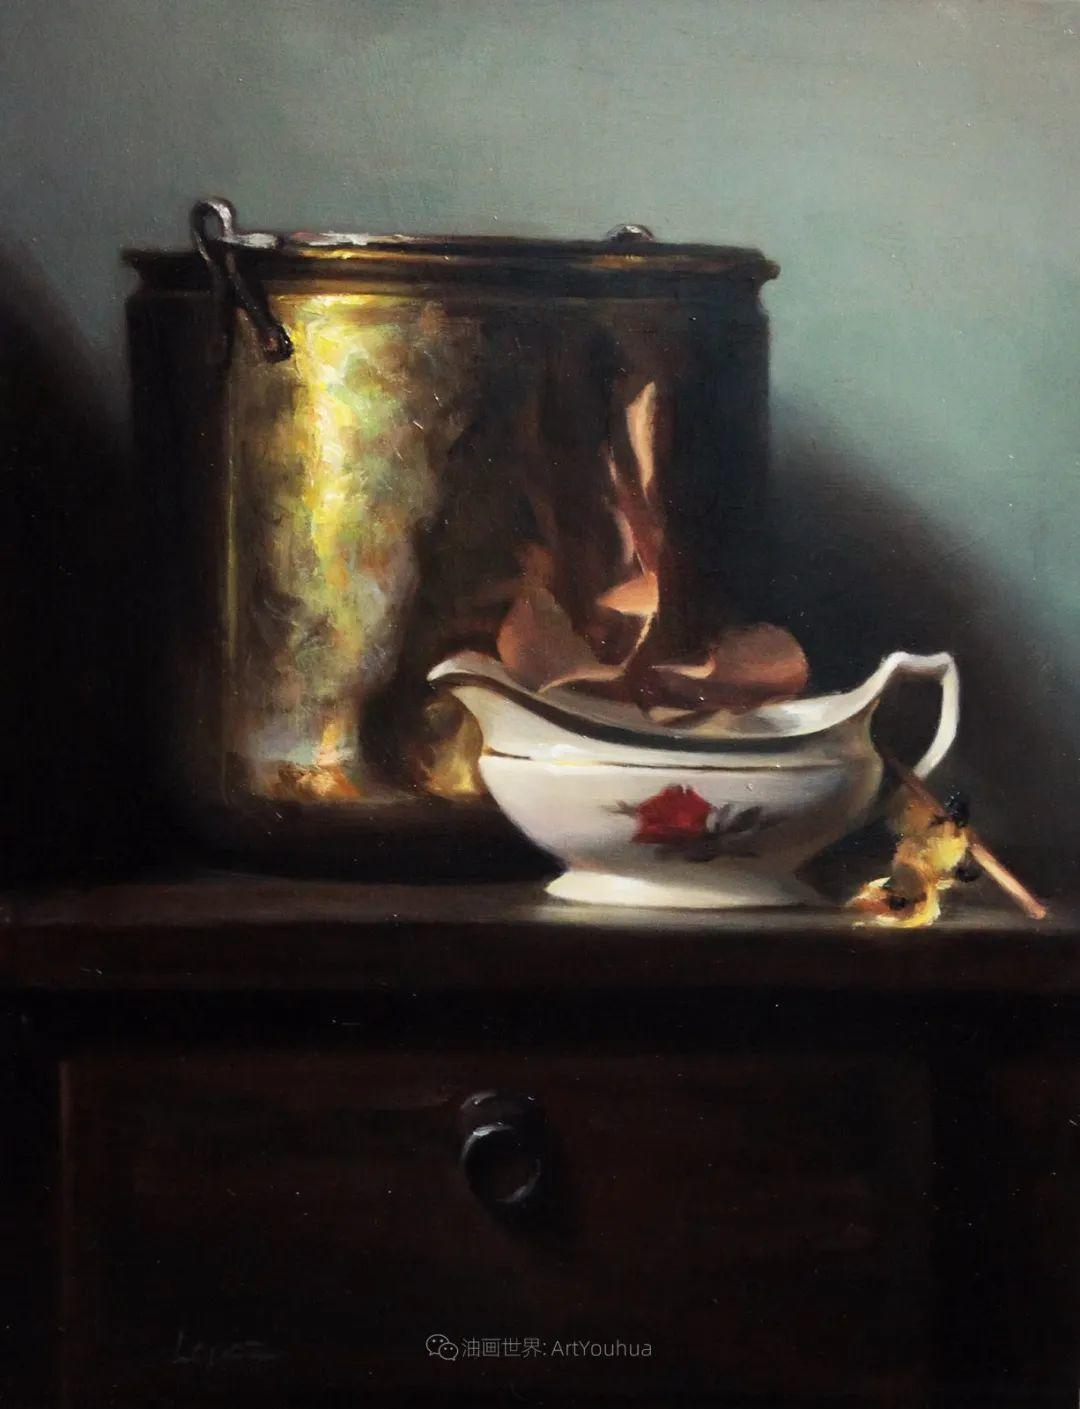 水果与静物,美国女画家莉亚·洛佩兹画选插图47